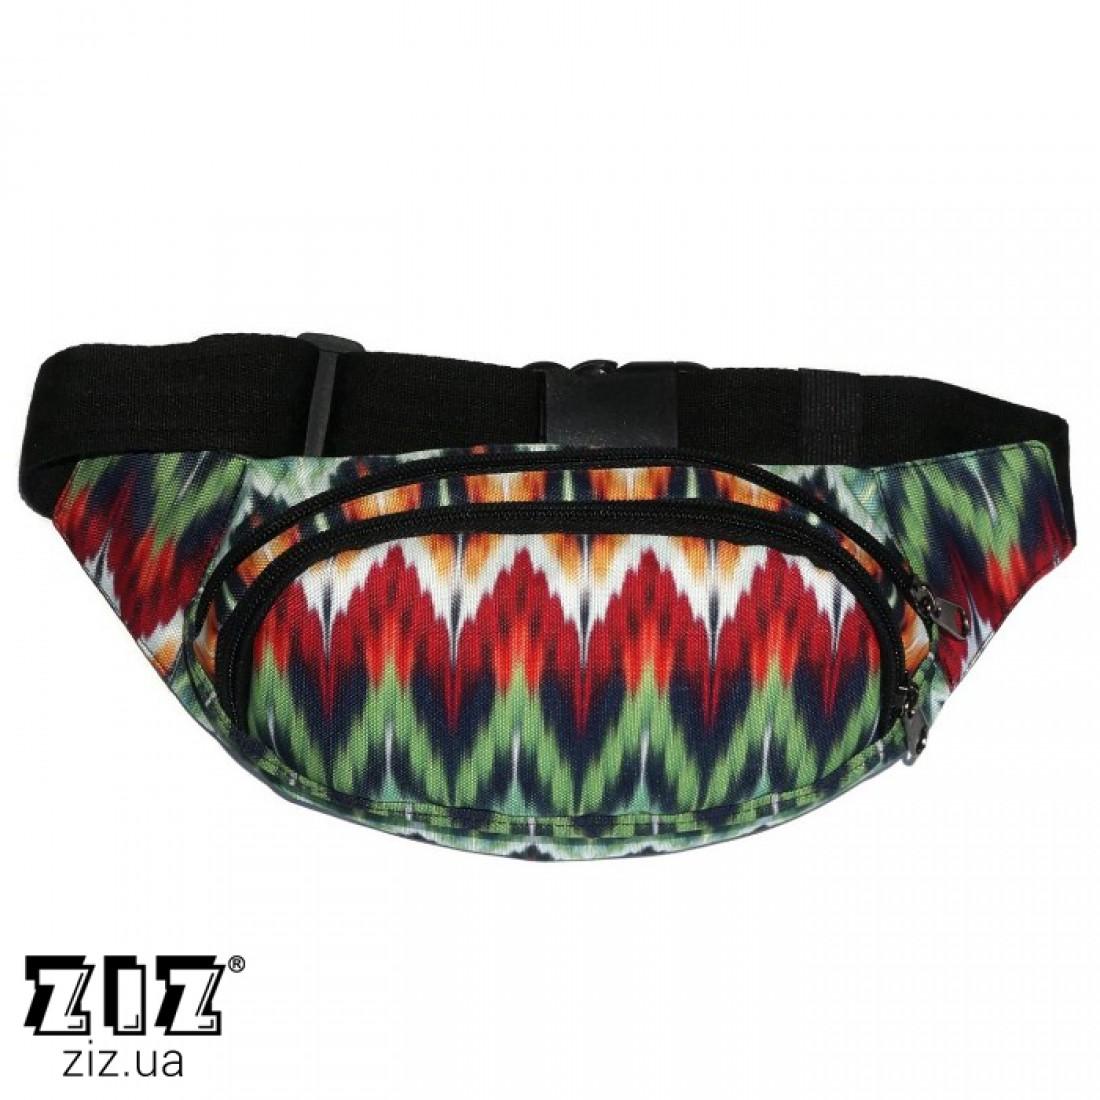 Поясная сумка ZIZ, 199 грн.